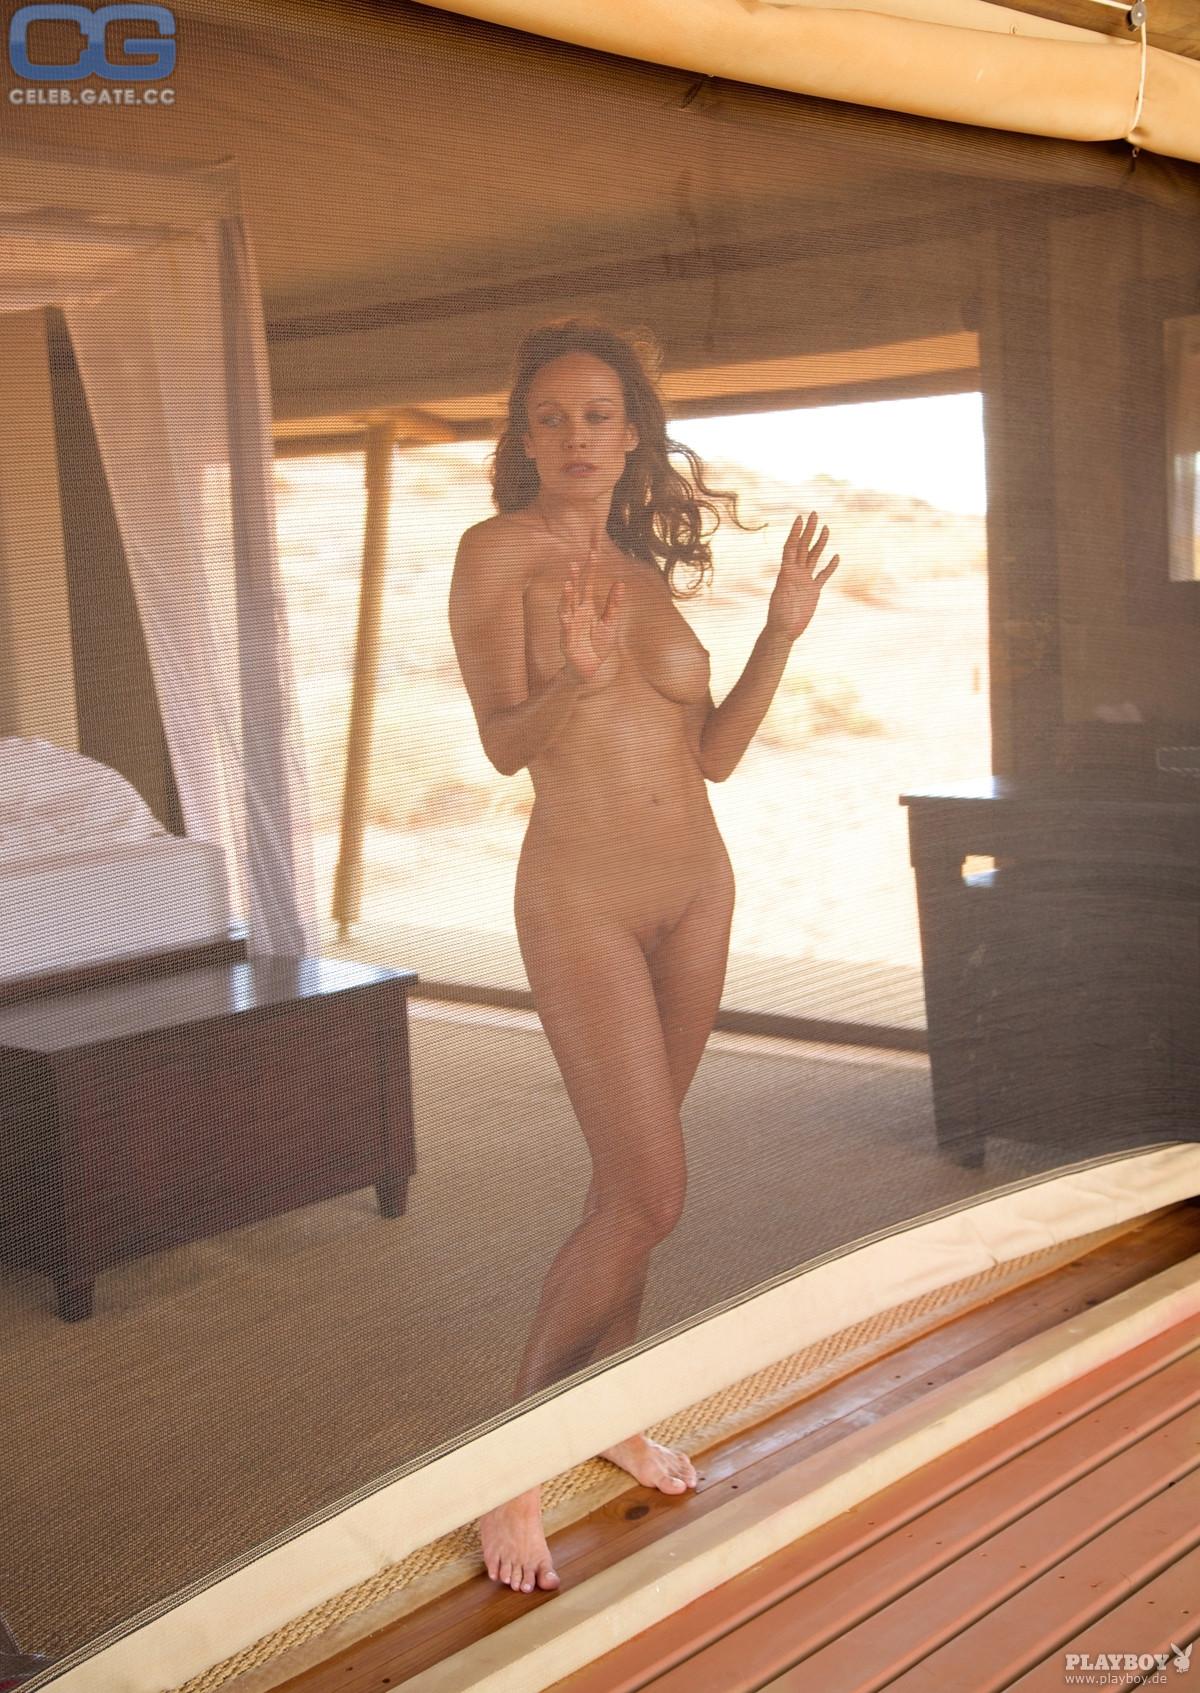 Playboy sonja kirchberger aplaratic: Sonja